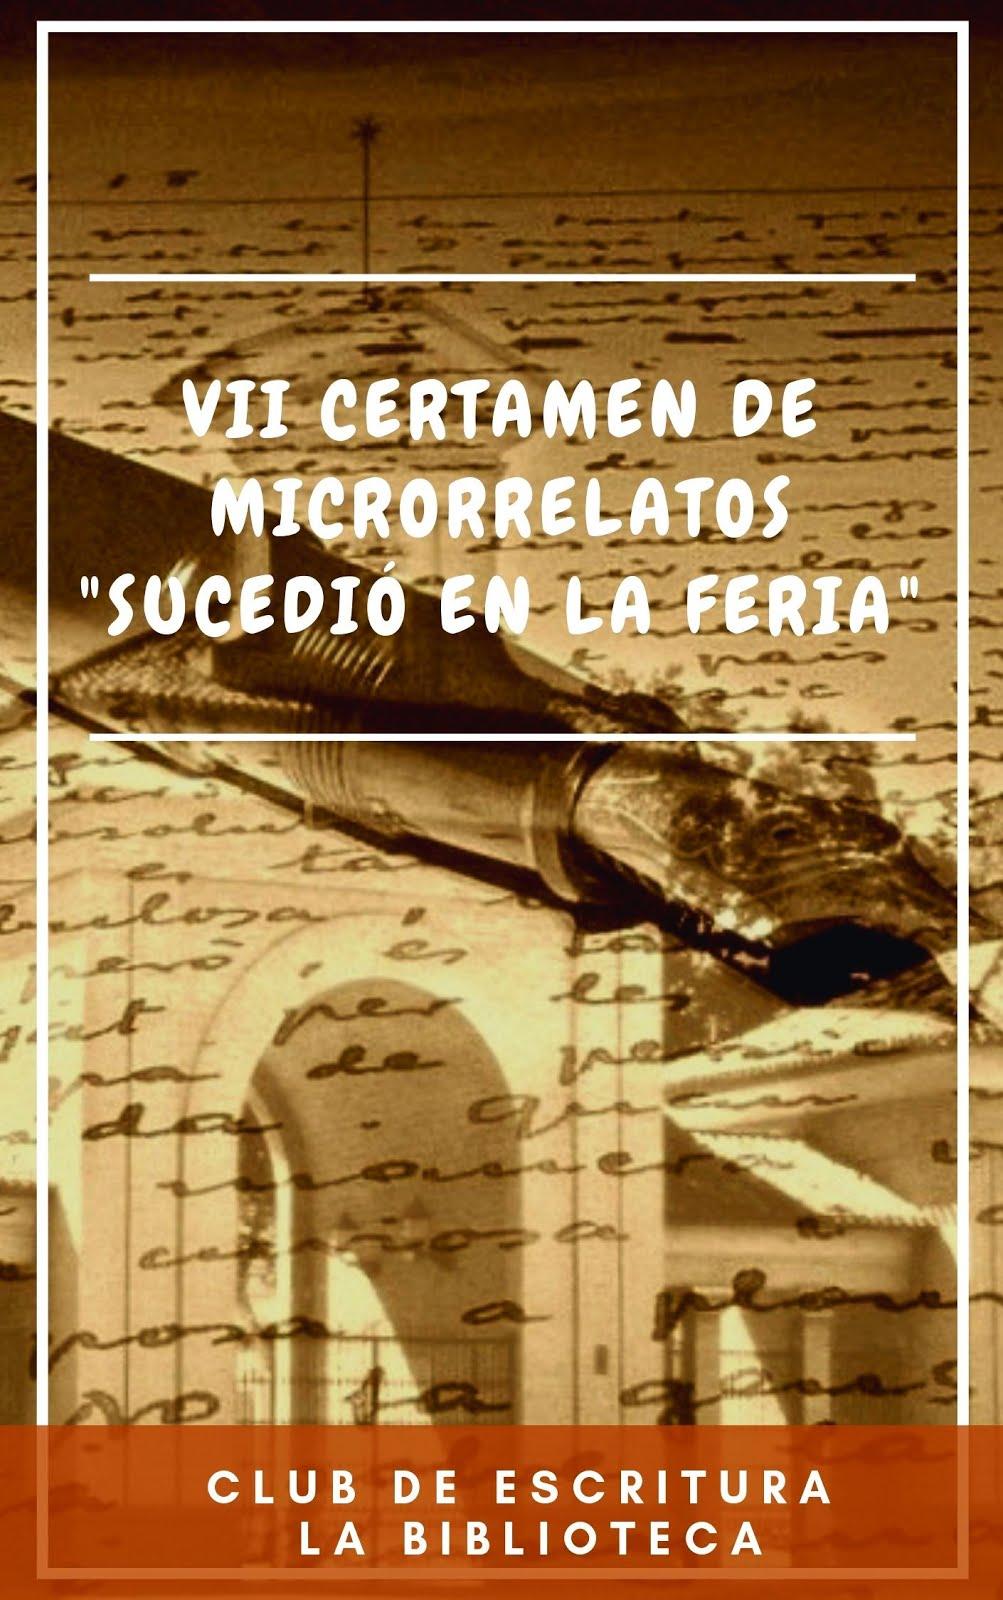 """Libro del VII Certamen de Microrrelatos """"Sucedió en la Feria"""""""